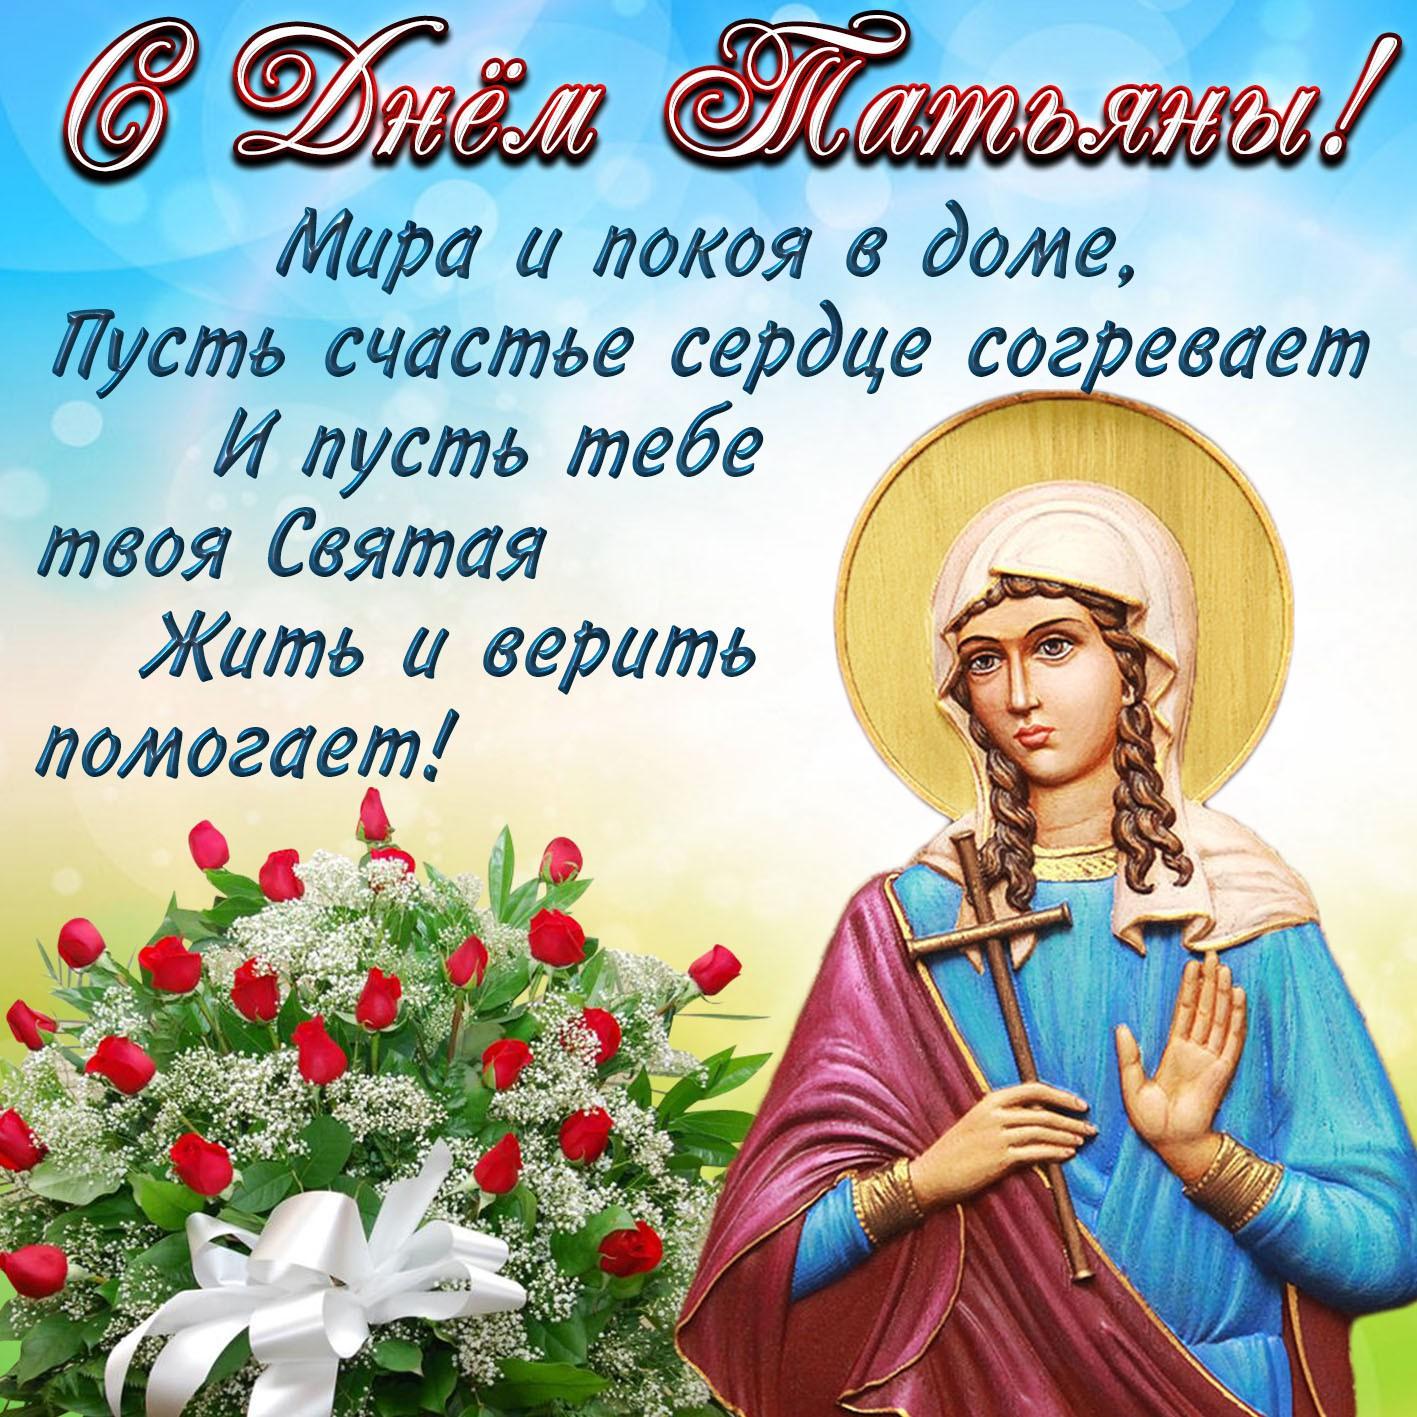 СМС-поздравления с днем Татьяны 25.01.2019, картинки, открытки